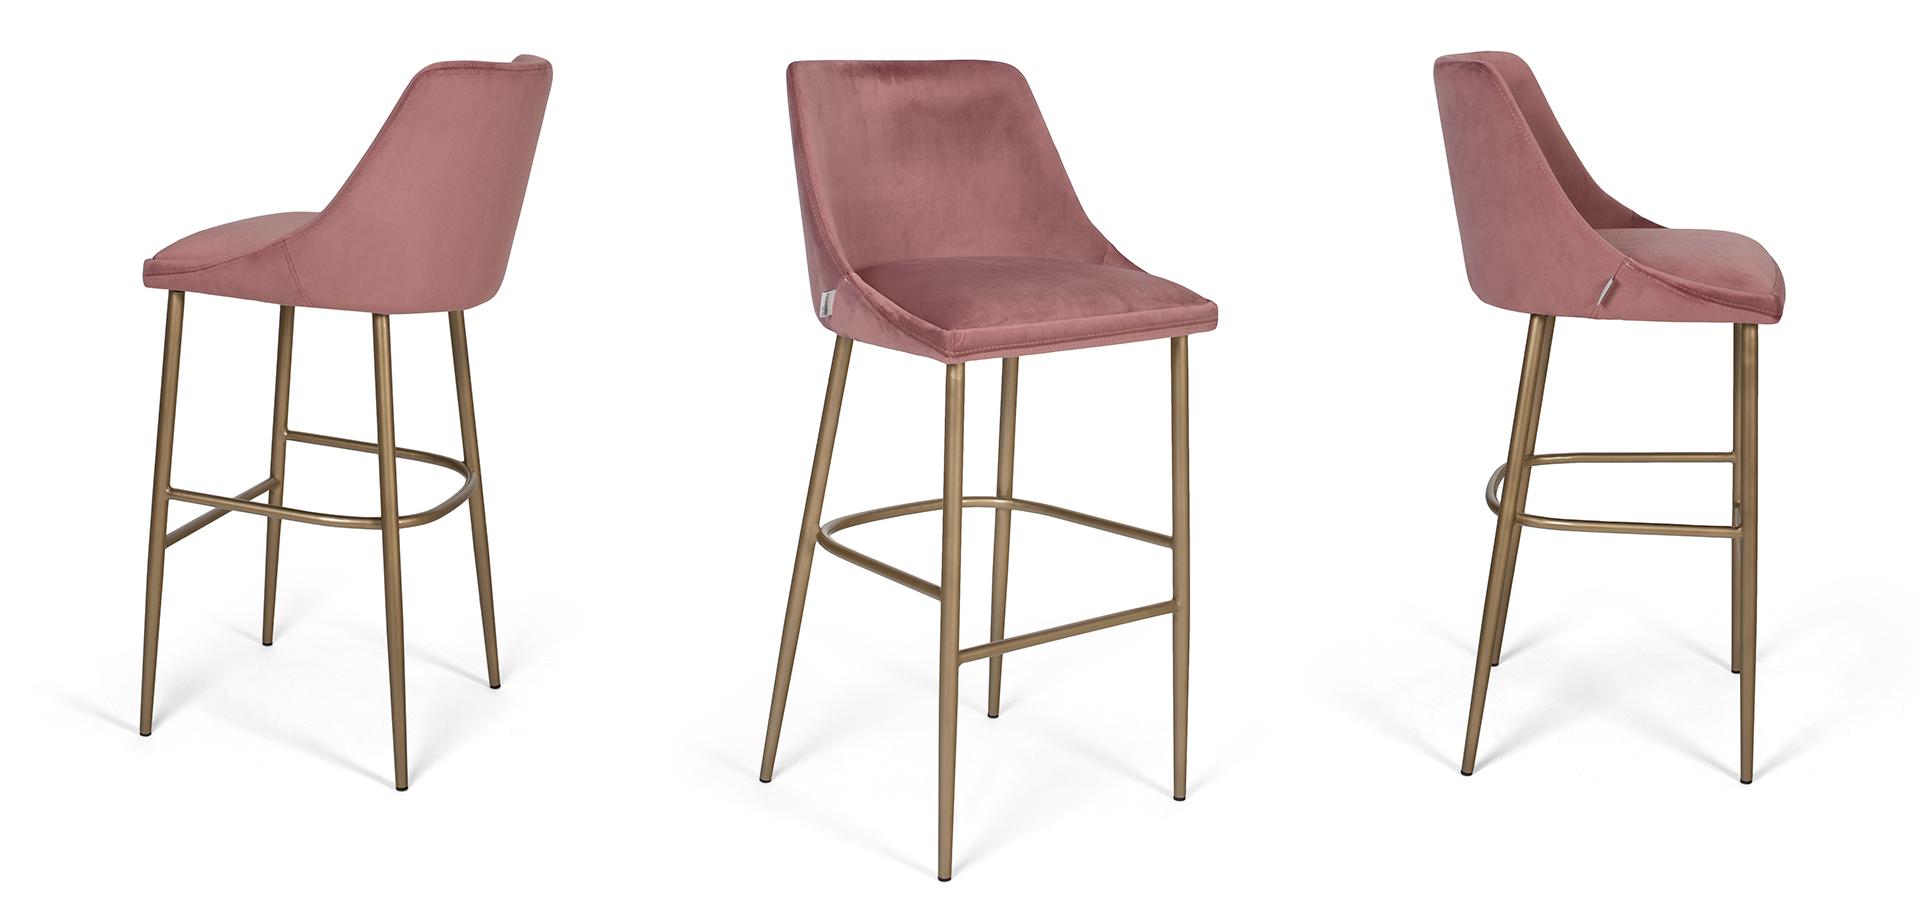 alberta-scaun-06.jpg